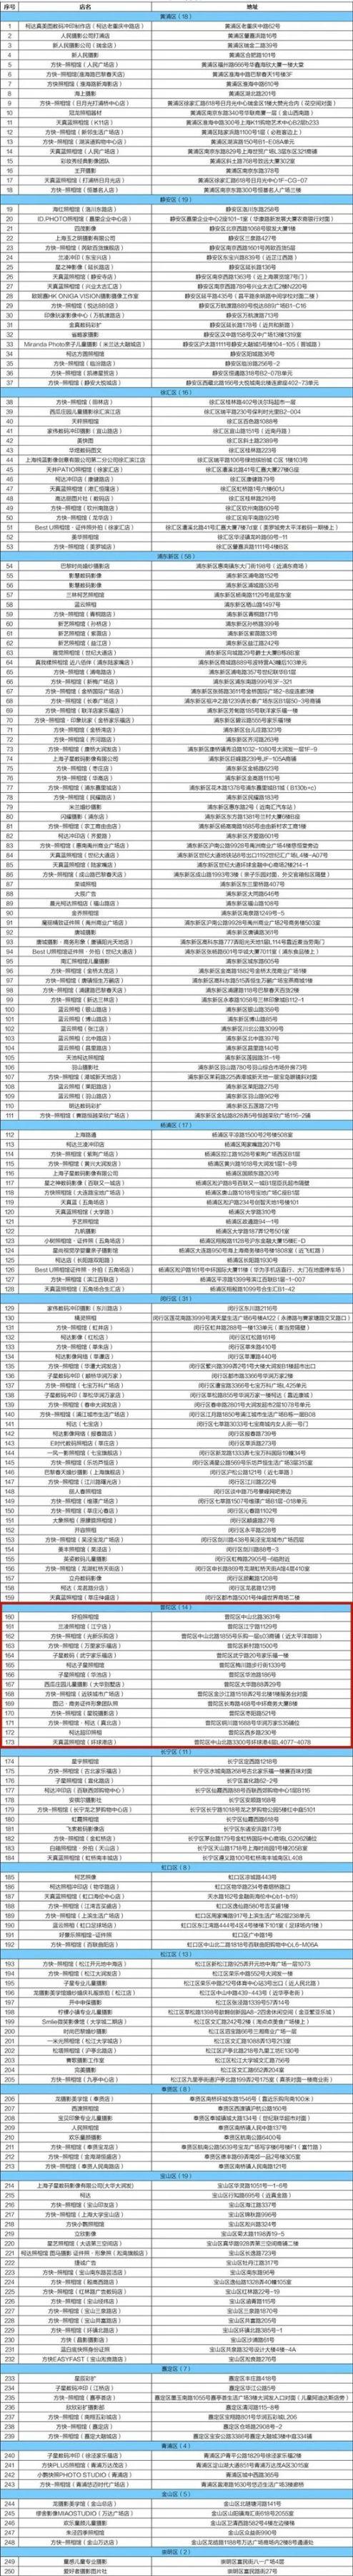 2020上海身份證社會化照相館一覽